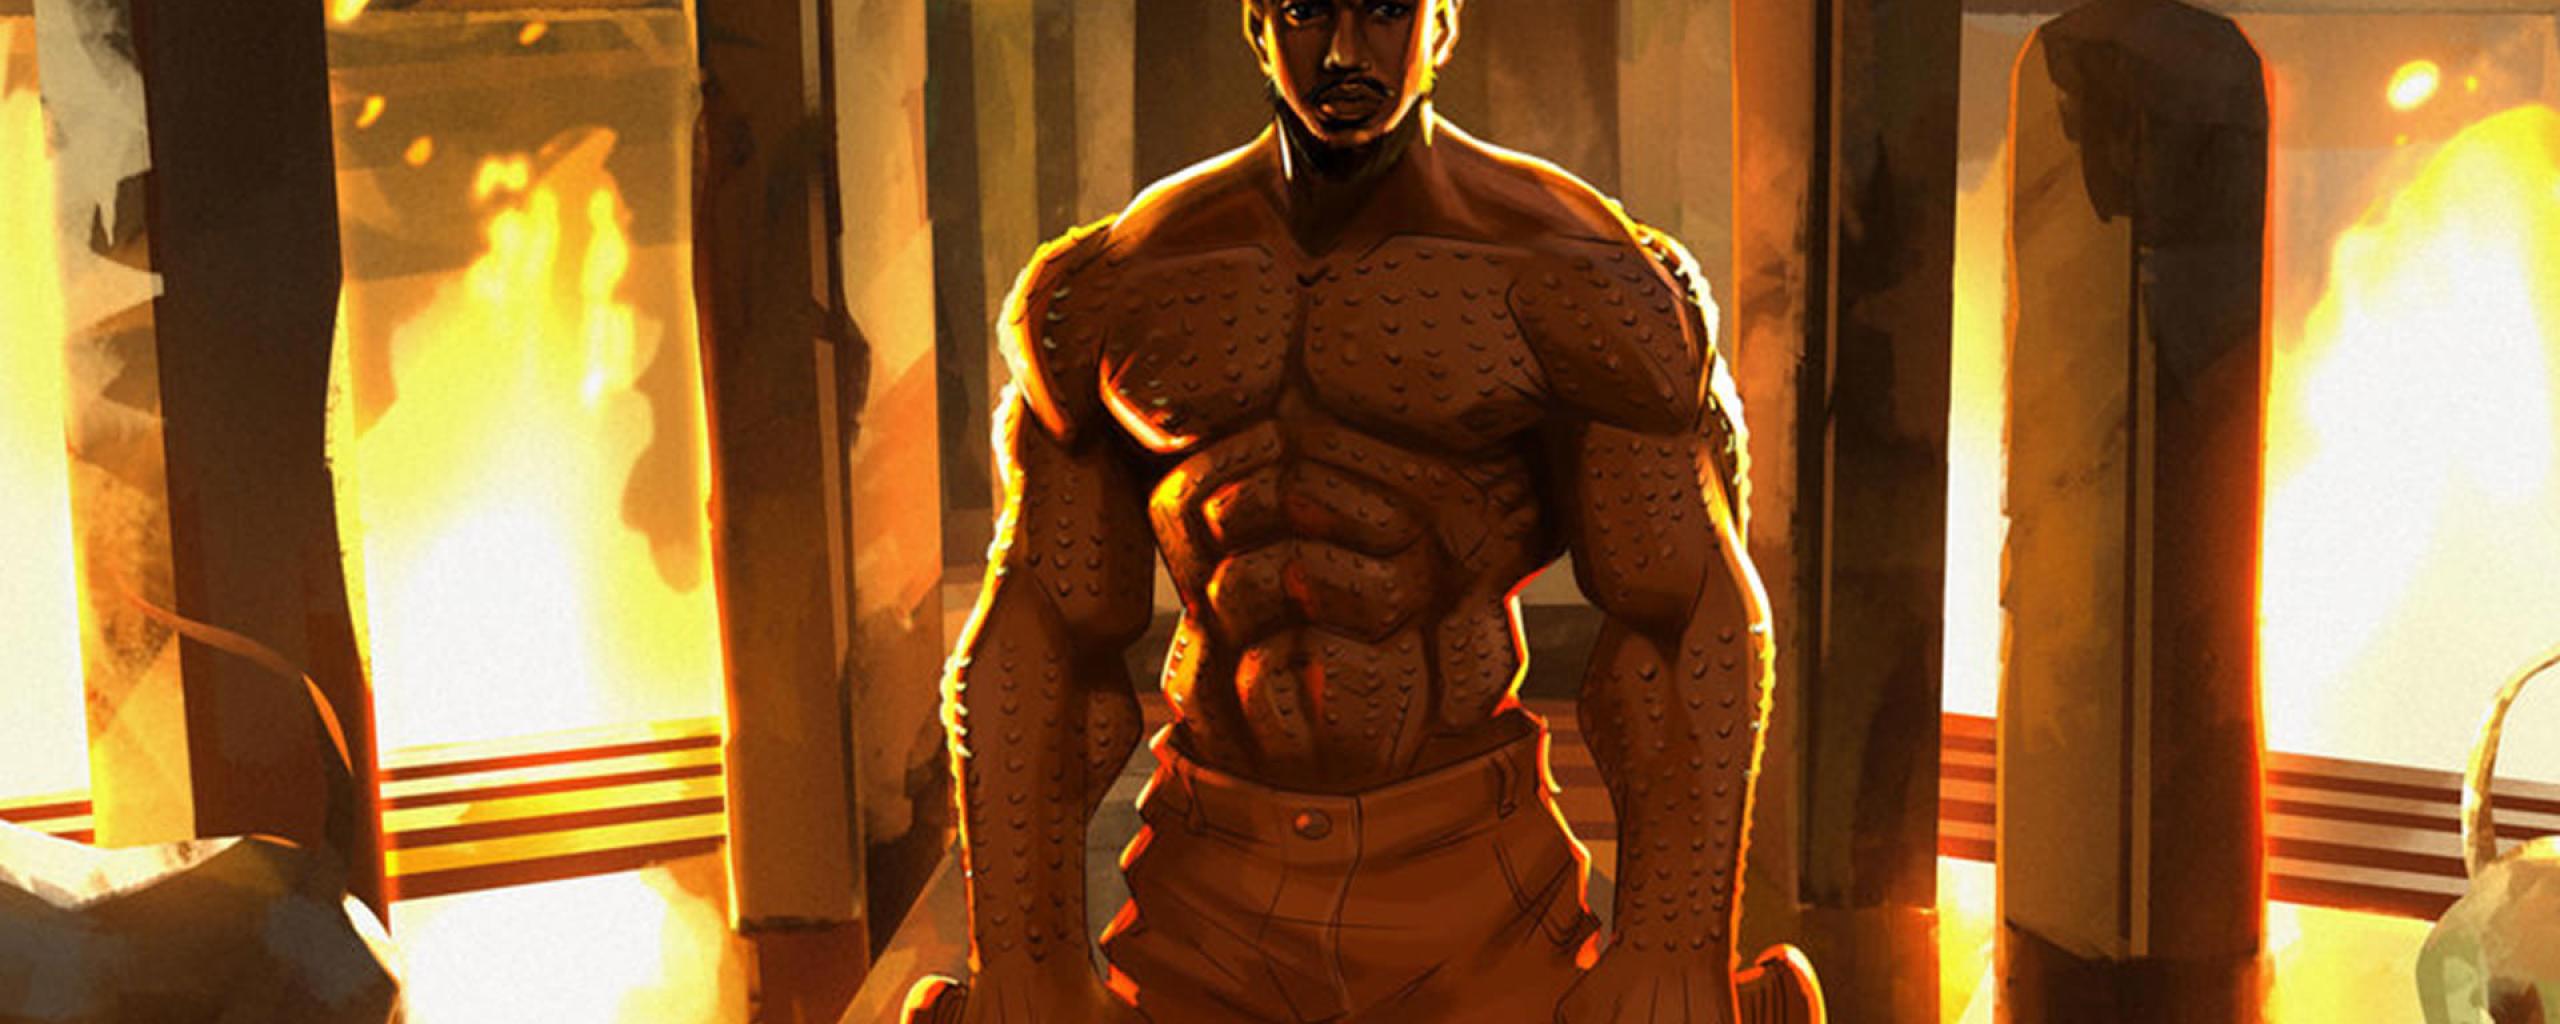 Erik Killmonger Michael Jordan Artwork, Full HD Wallpaper